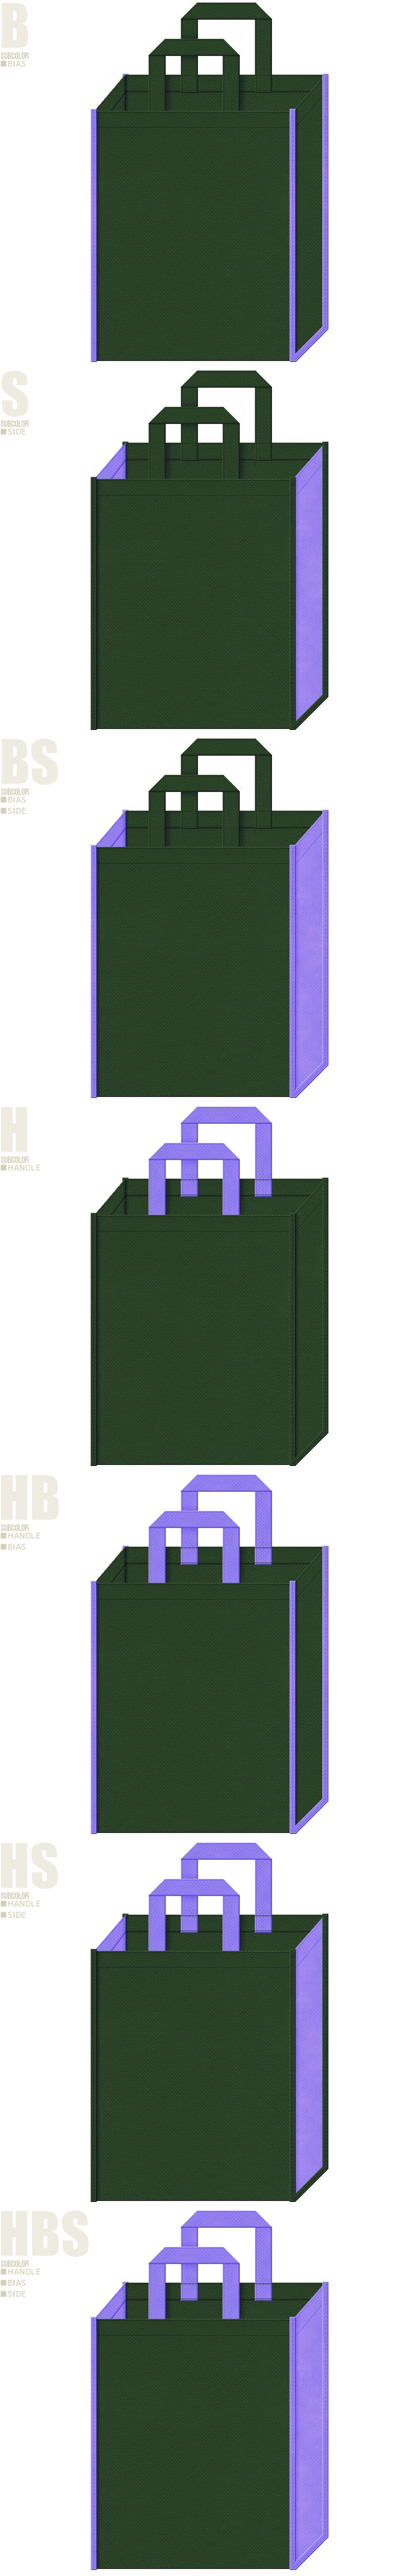 花菖蒲・華道・生け花のイメージにお奨めの不織布バッグデザイン:濃緑色と薄紫色の不織布バッグ配色7パターン。